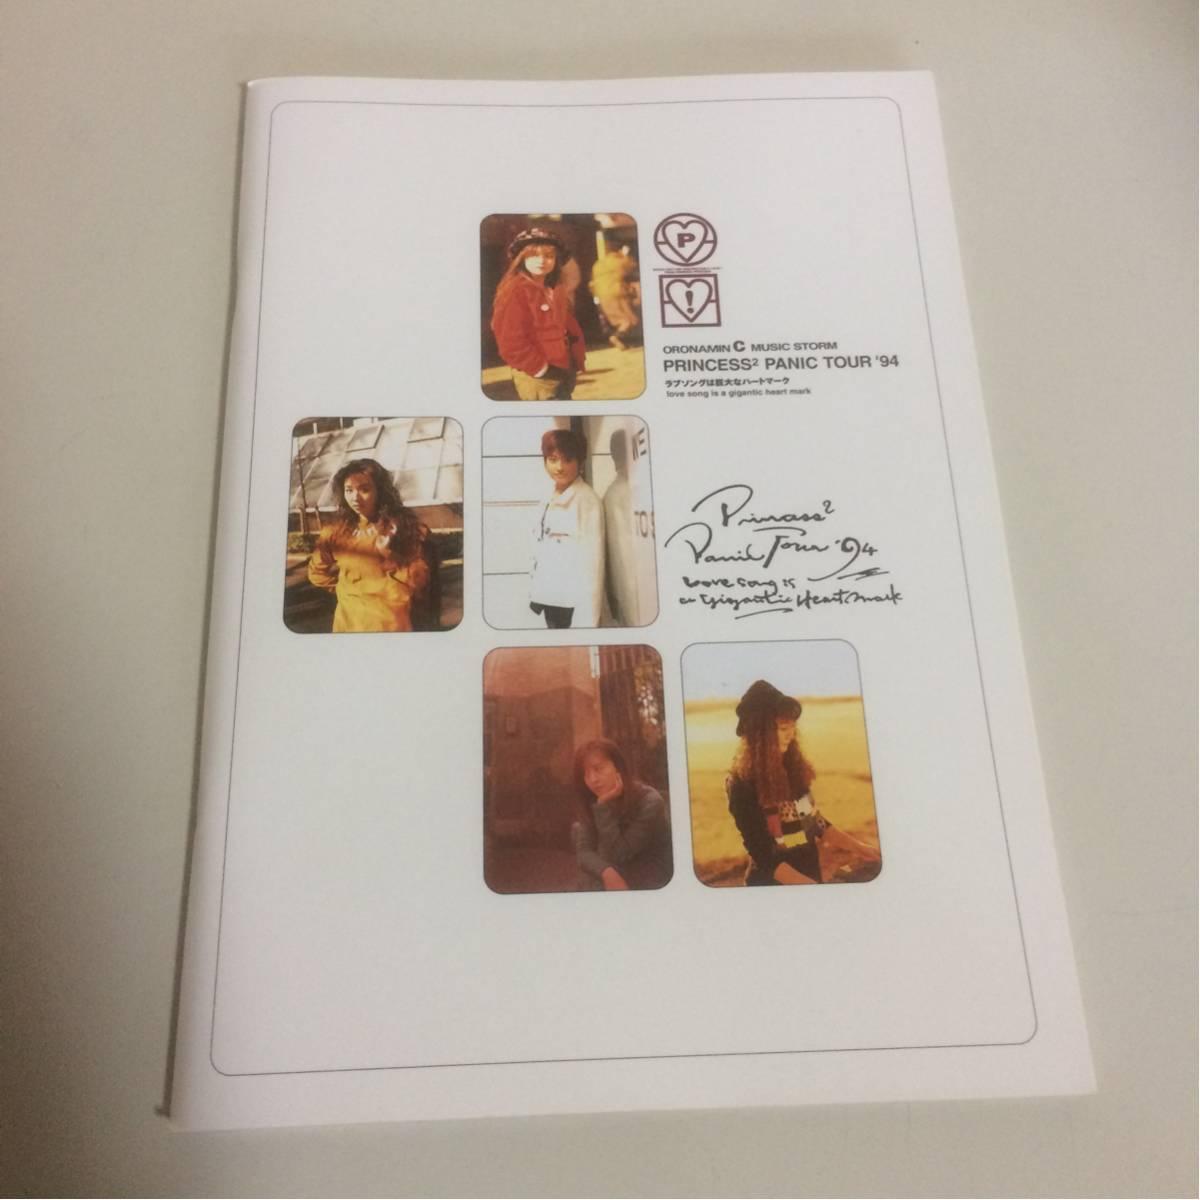 プリンセスプリンセス ツアーパンフ 1994 パニックツアー パンフレット panic 奥居香 レア コレクターズアイテム 即決